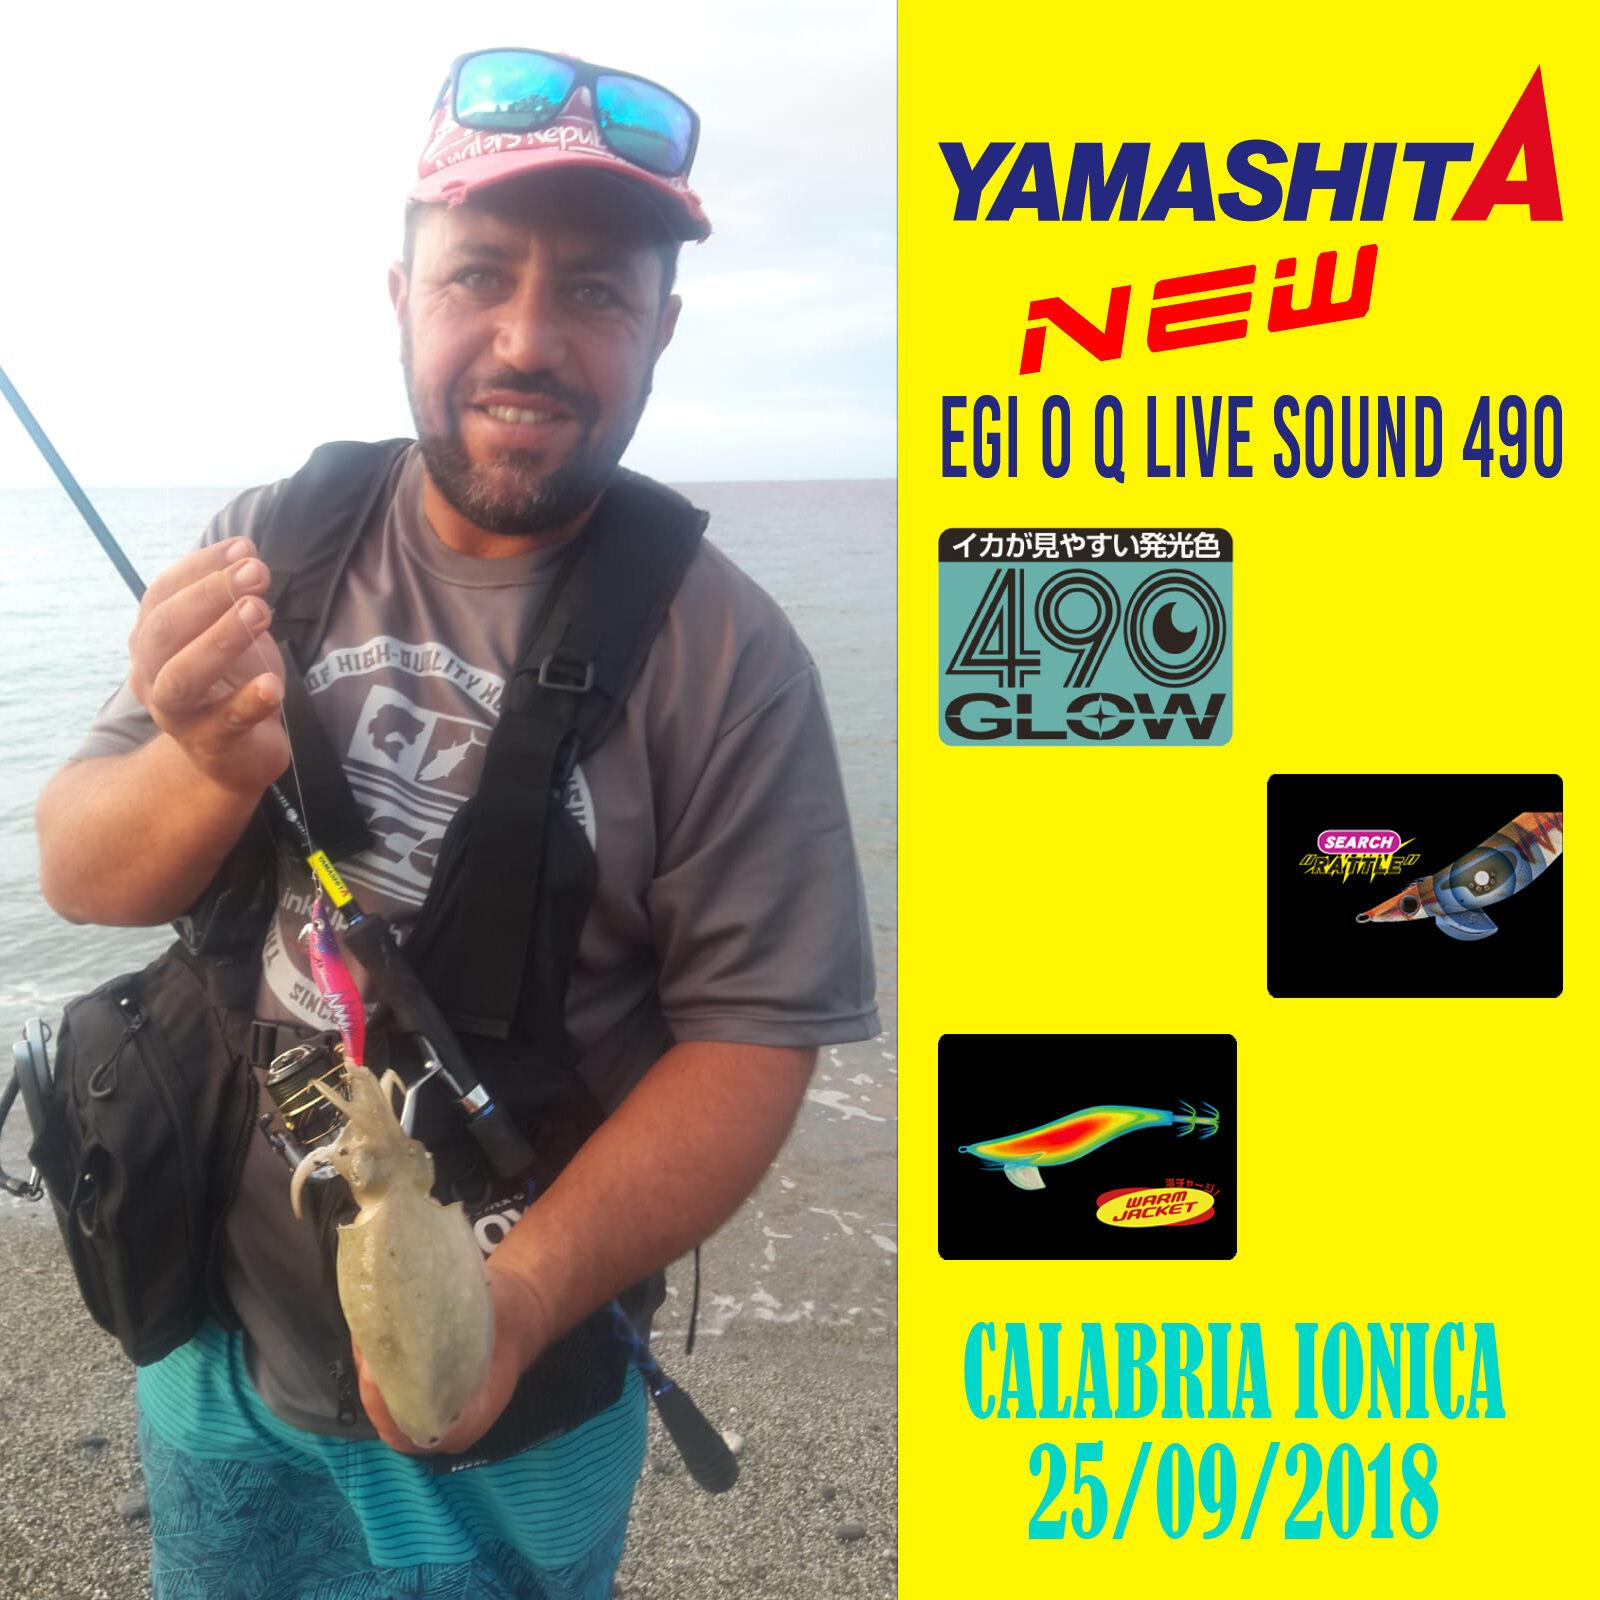 Yamashita Egi sound 490